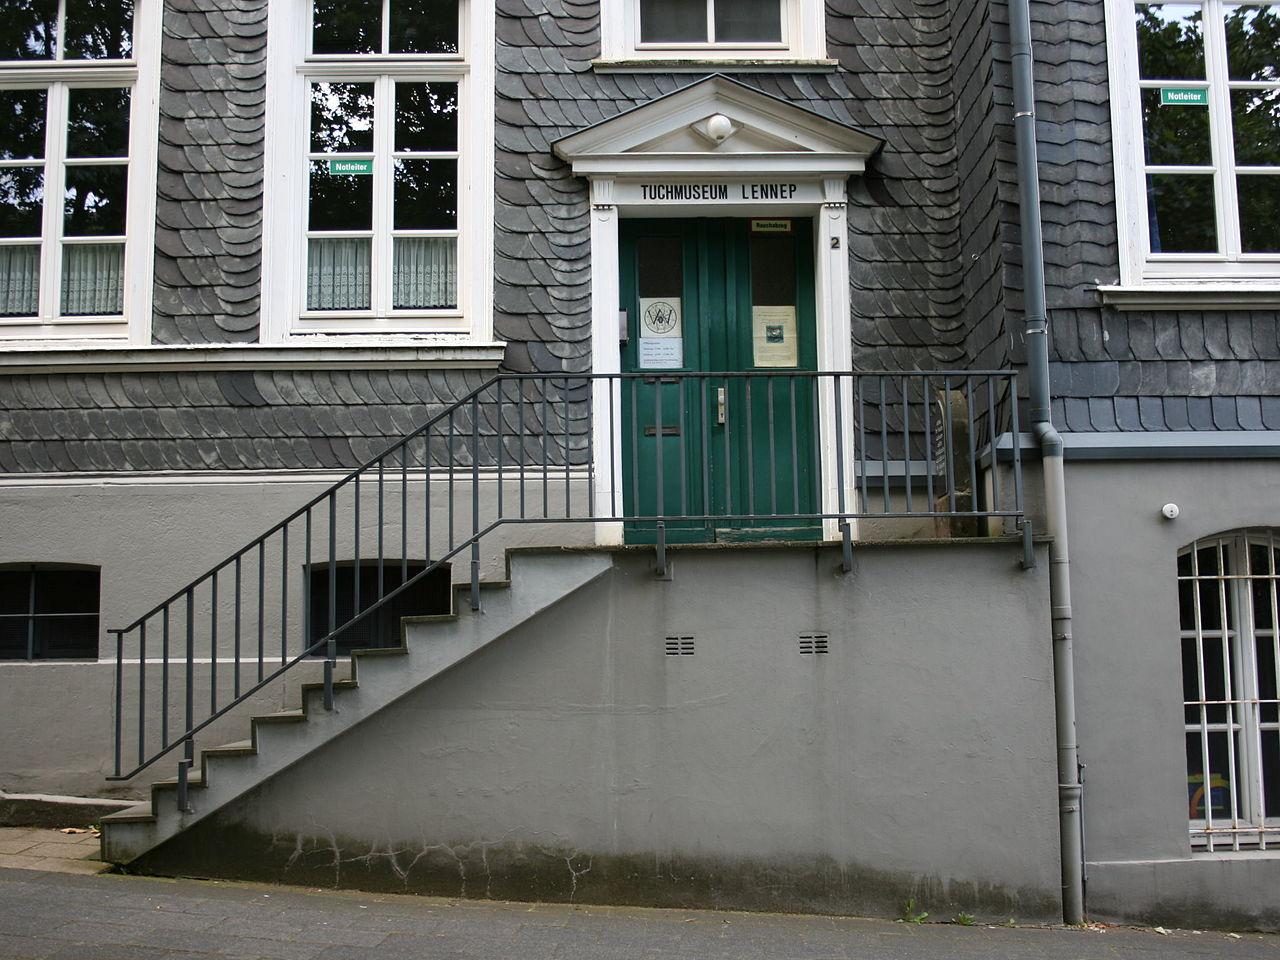 Bild Tuchmuseum Lennep Remscheid